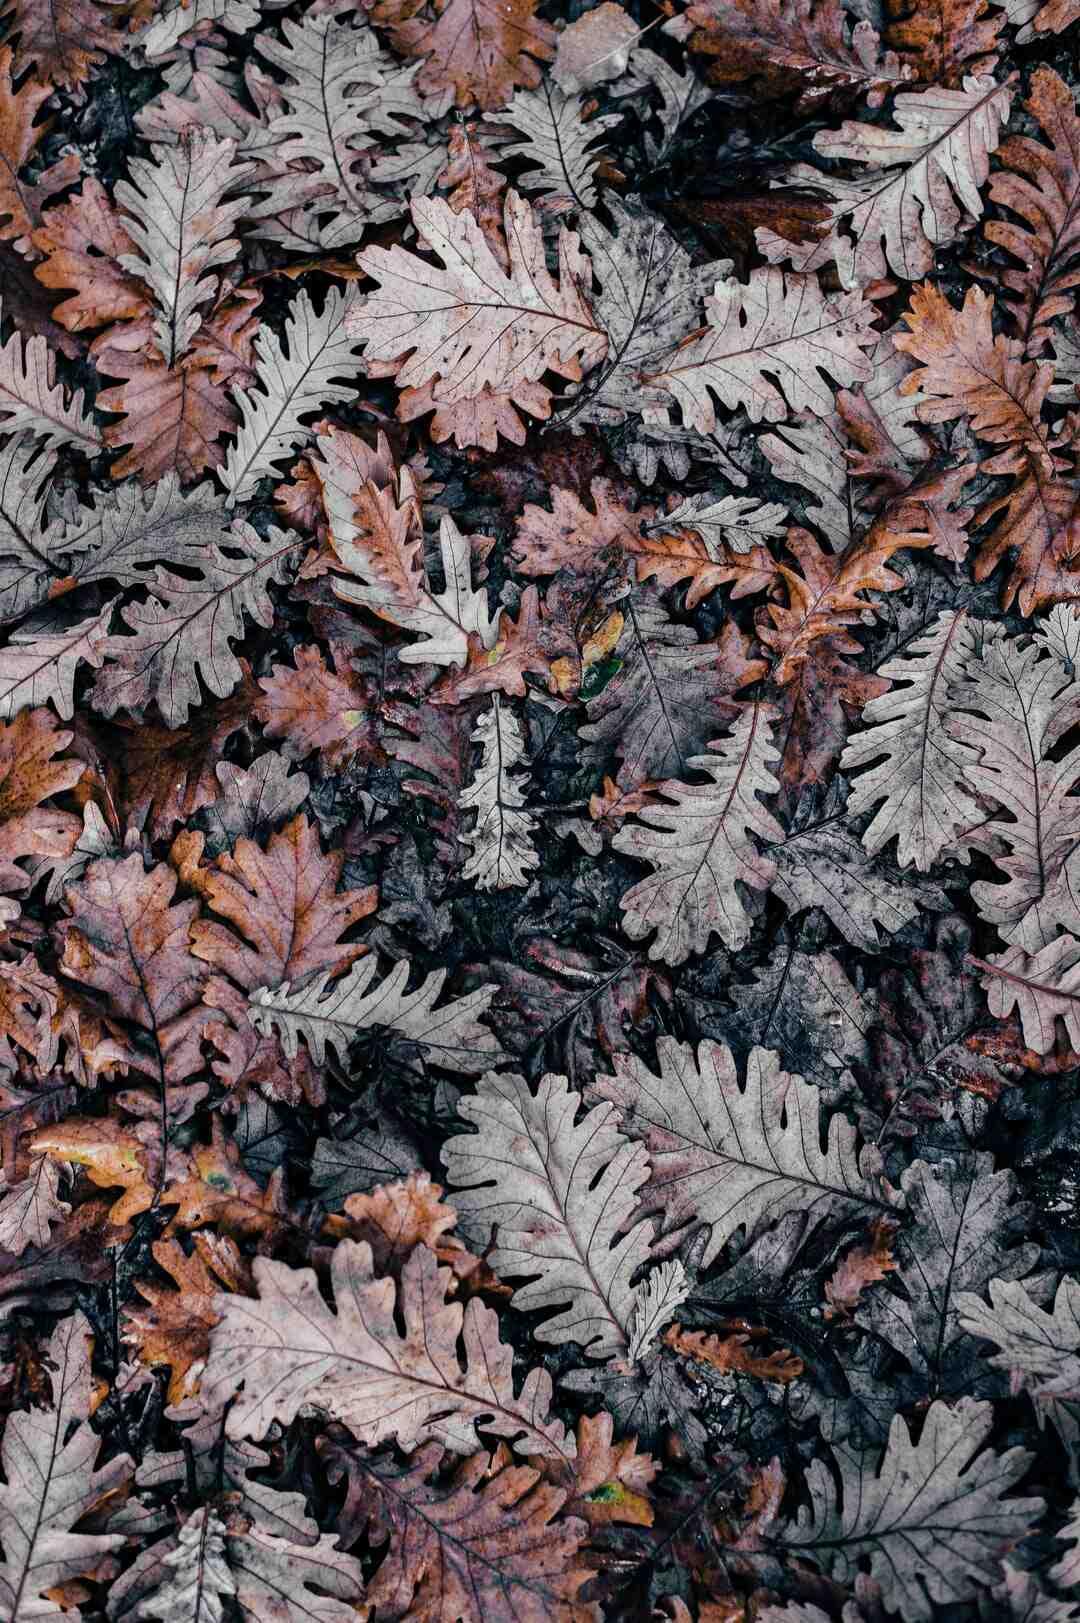 Pourquoi les feuilles noircissent au bout ?